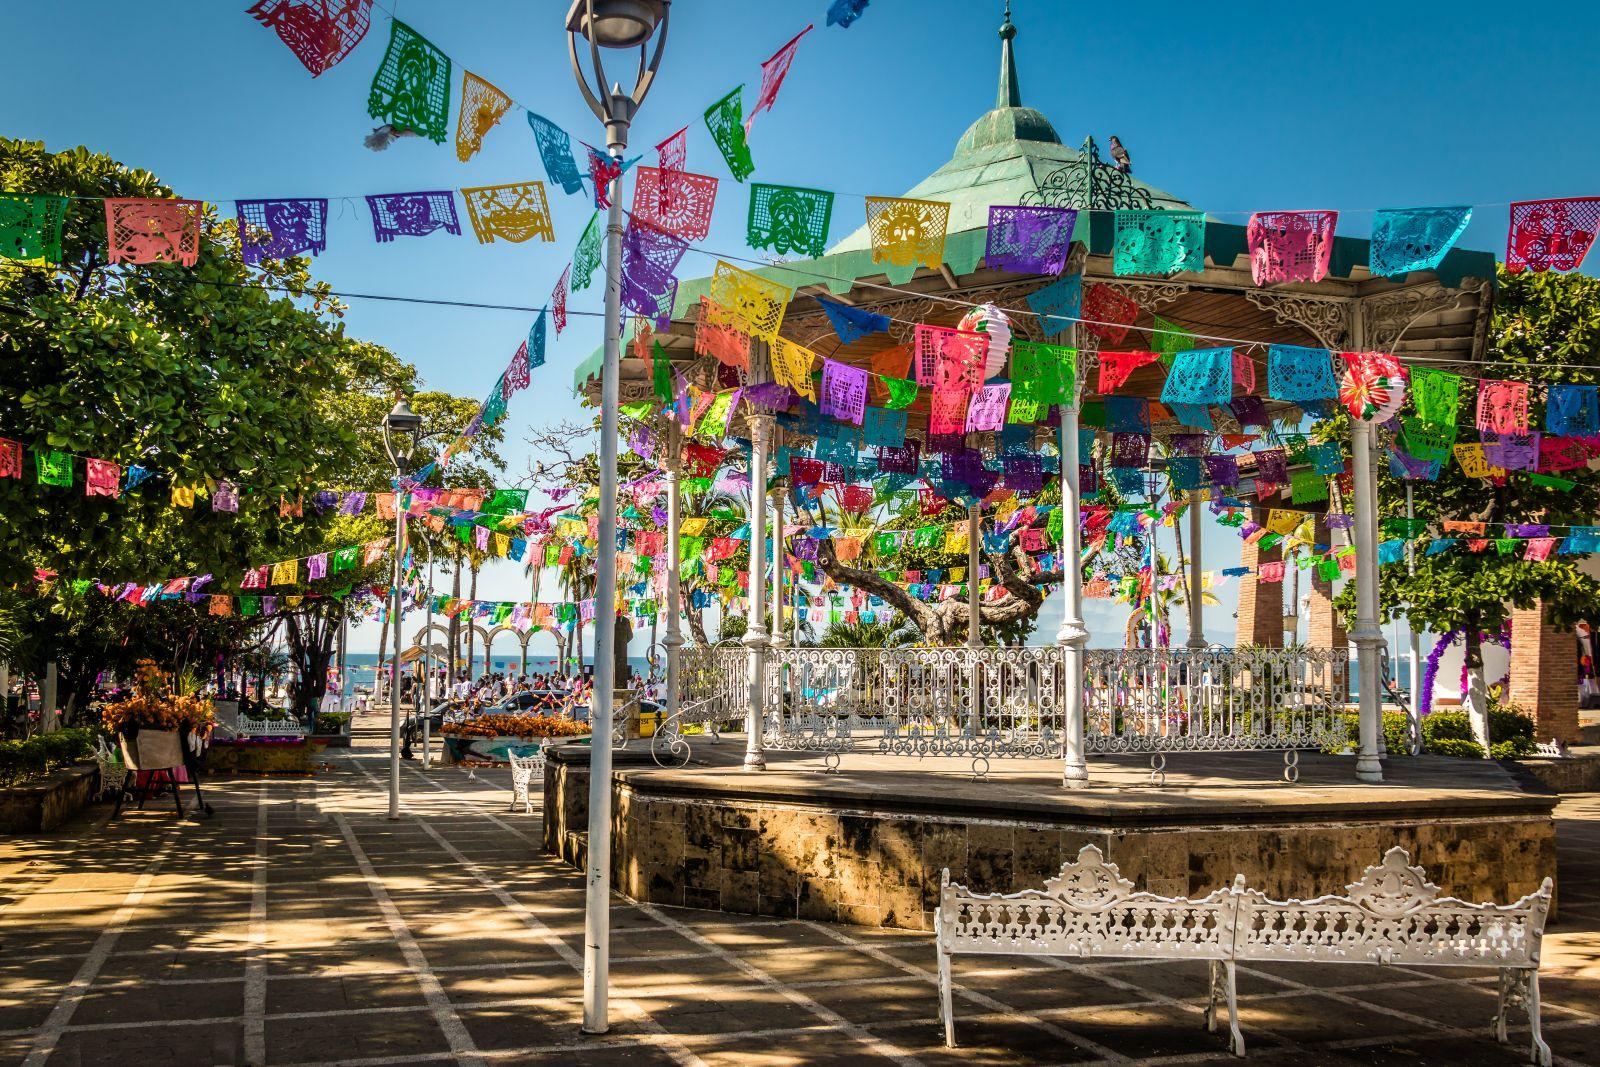 Im viertgrößten Badeort des Landes, Puerto Vallarta, kann man das bunte Mexiko in tropischer Landschaft erleben. ©diegograndi/AdobeStock